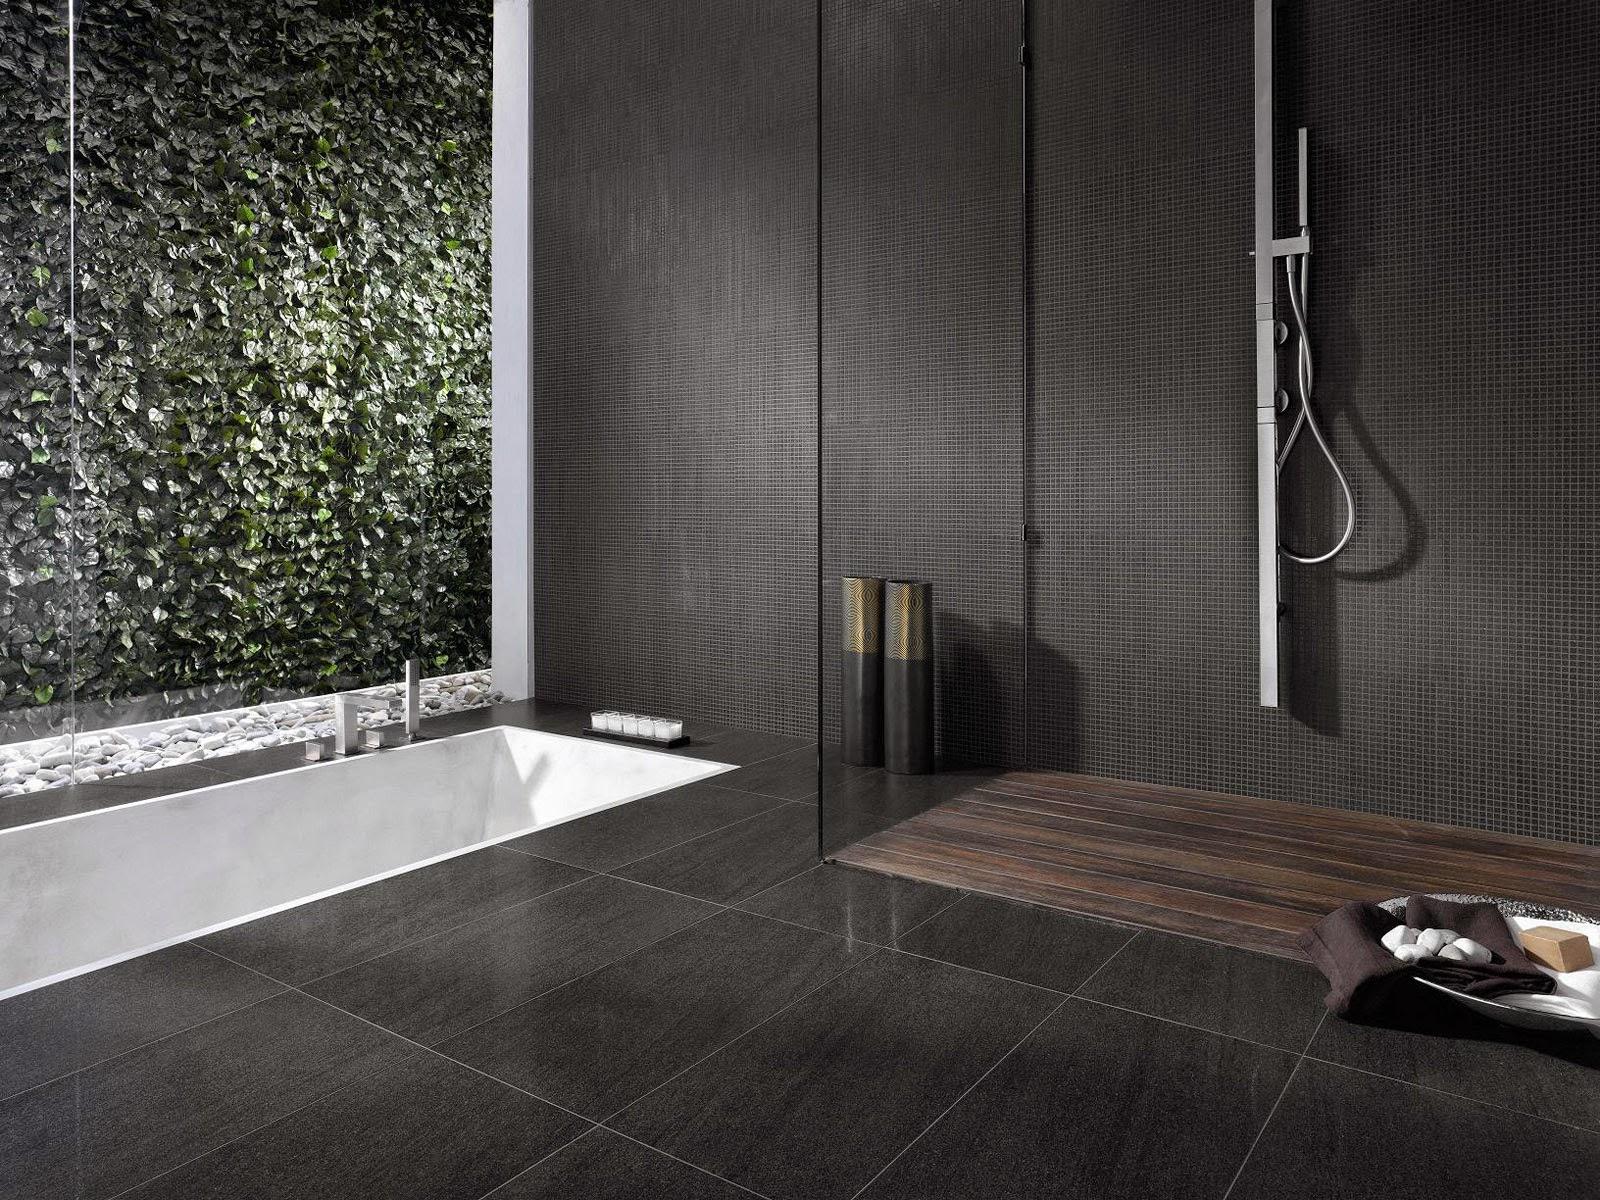 Room-Design-Minimalist-Bathroom-With-Tile-Stone